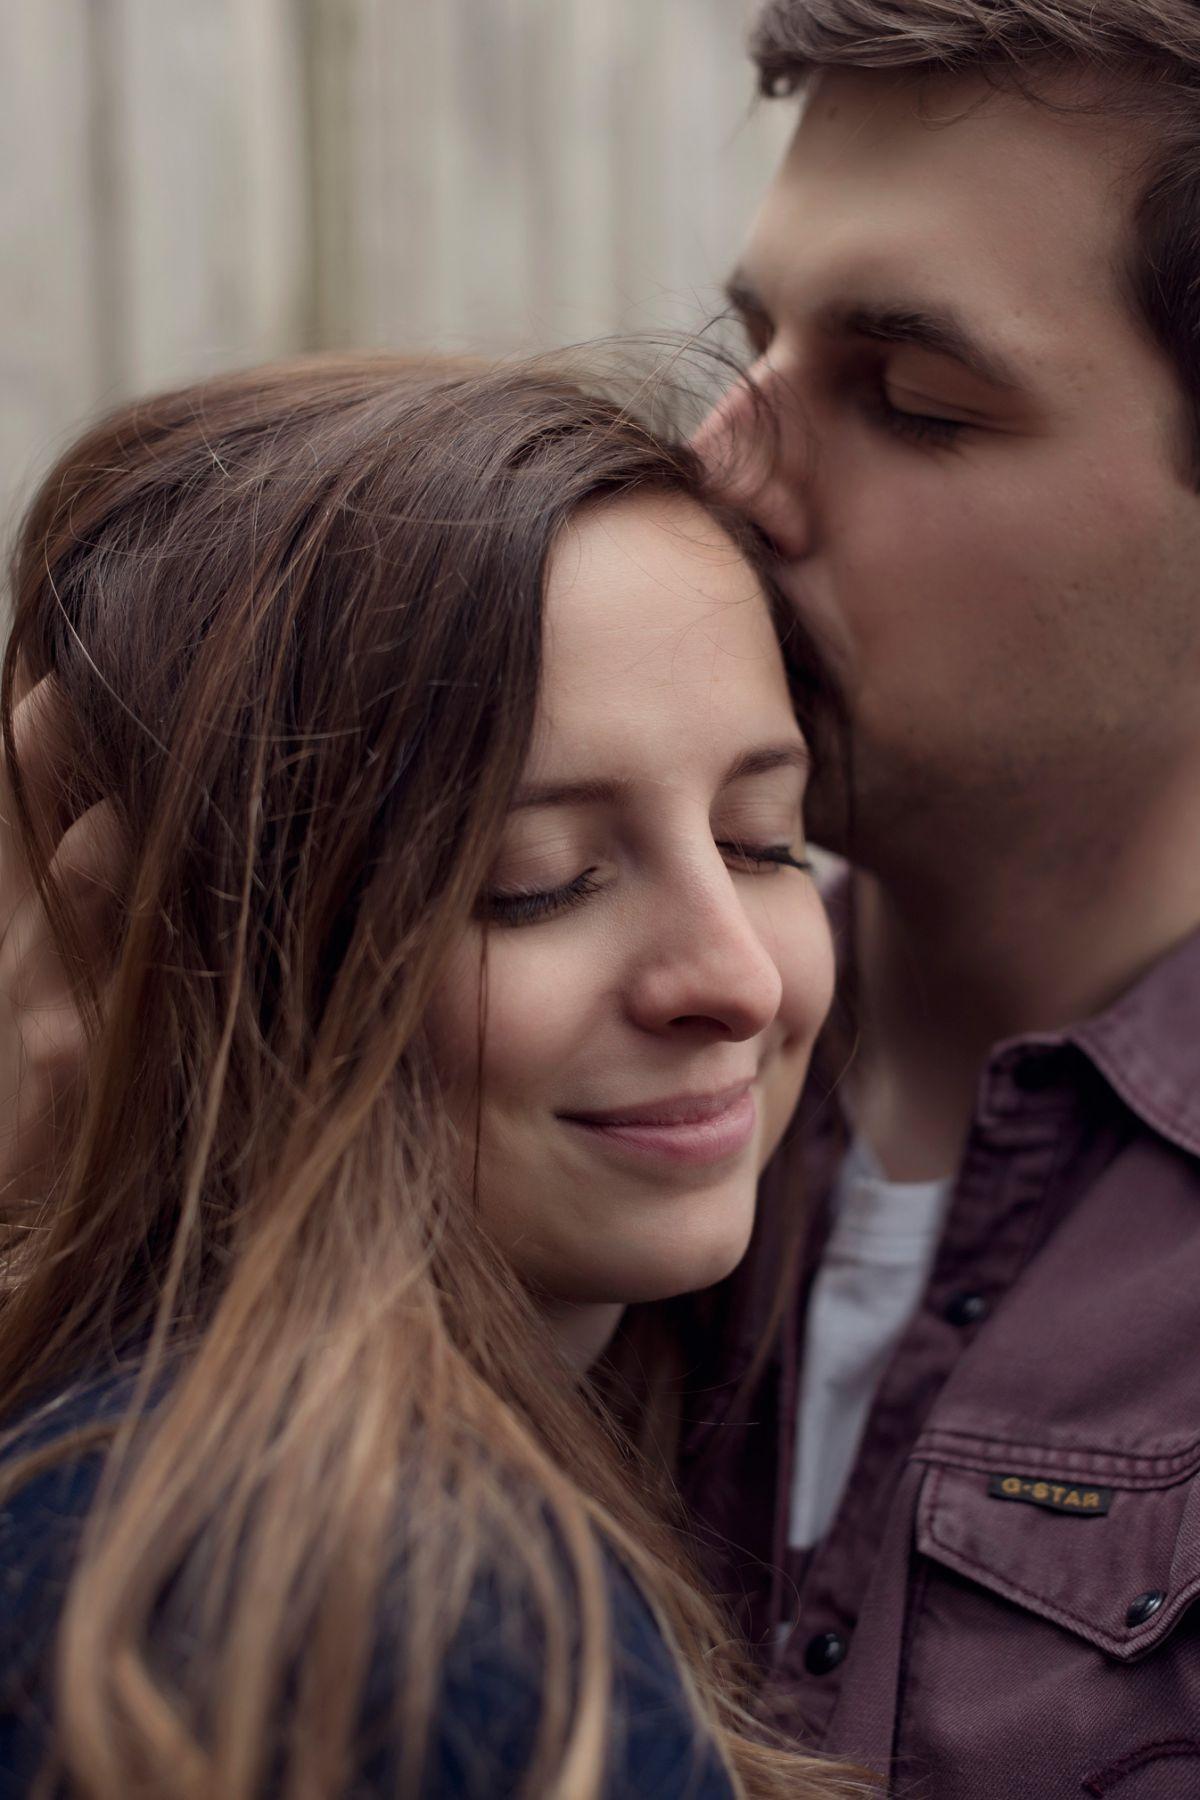 hochzeitsfotografin hessen frankfurt heiraten im römer standesamt engagementbilder